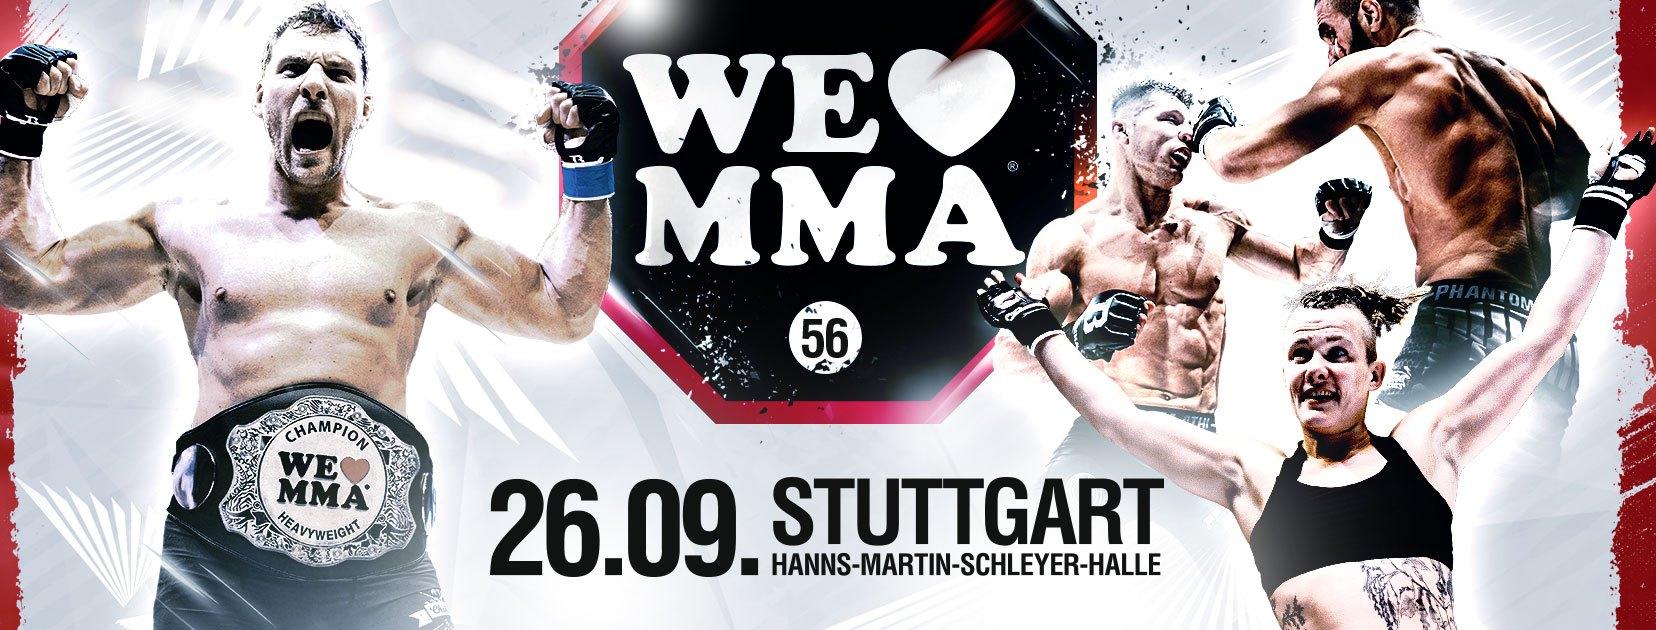 We Love Mma Stuttgart